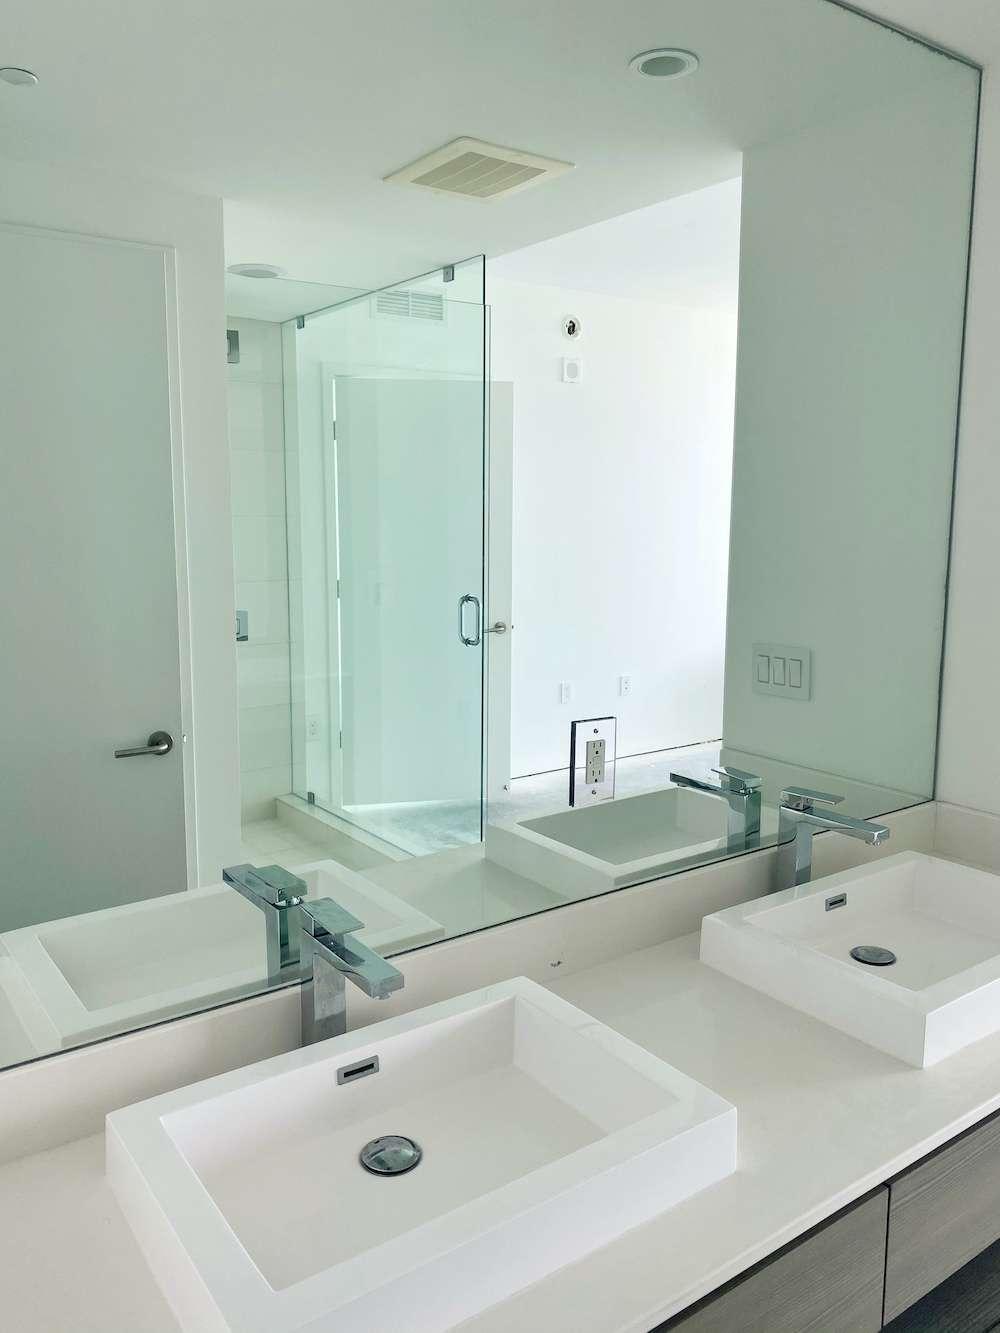 Custom Mirror replacement Miami